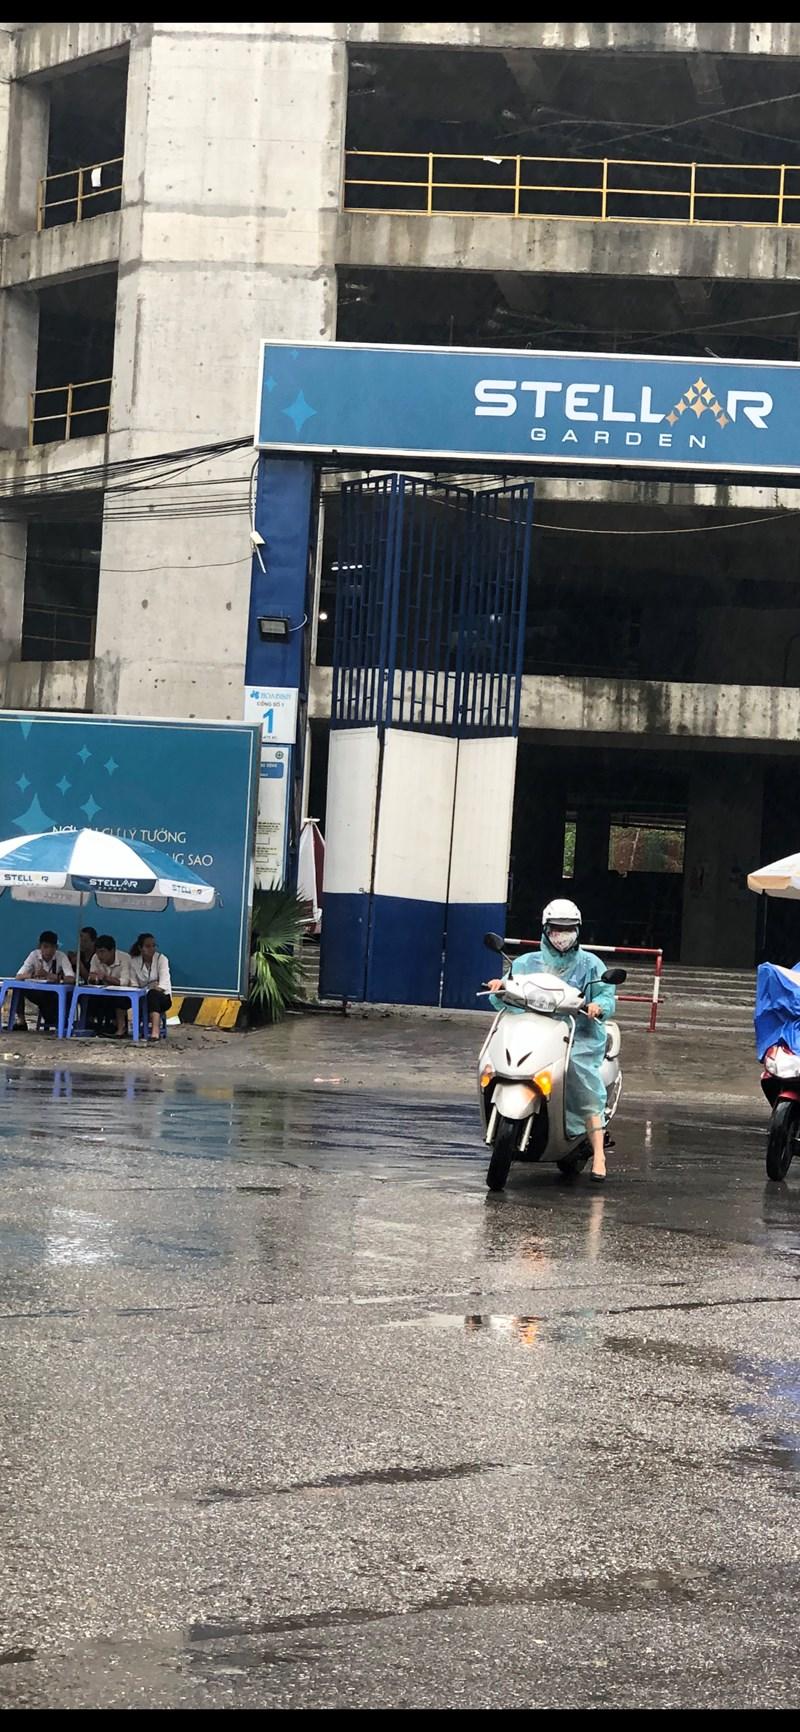 Dự án Stellar Garden Lê Văn Thiêm chuẩn bị bàn giao. Dù nắng hay mưa, đội ngũ sale vẫn kiên trì bám vỉa hè đẩy hàng.